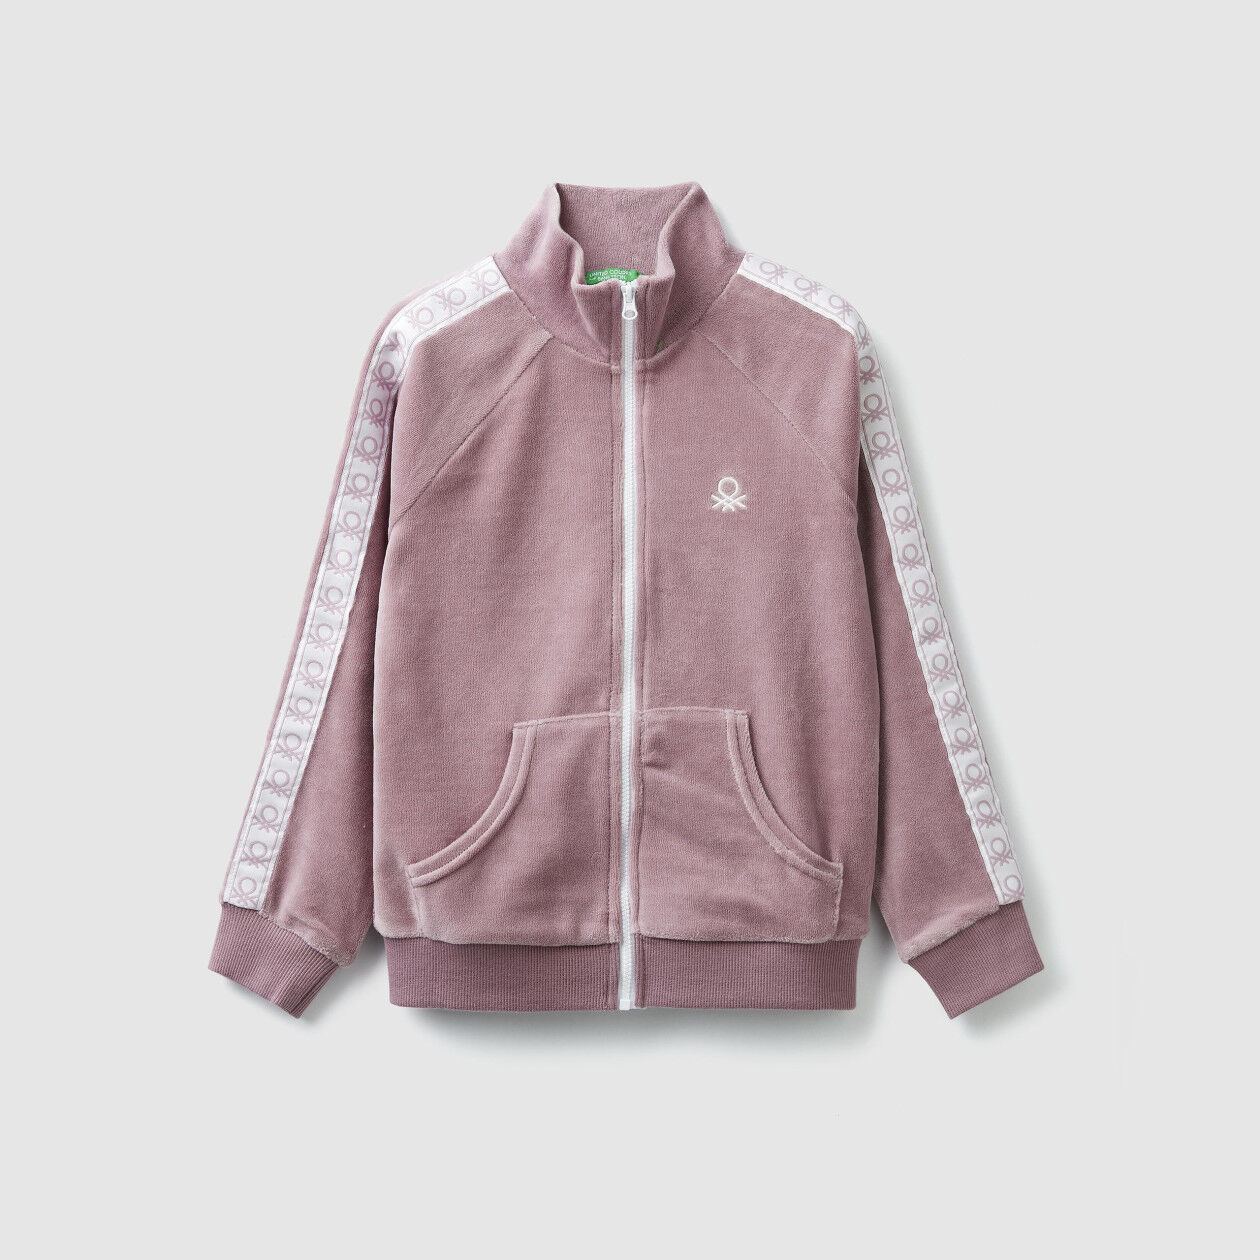 Sweatshirt in chenille with zip